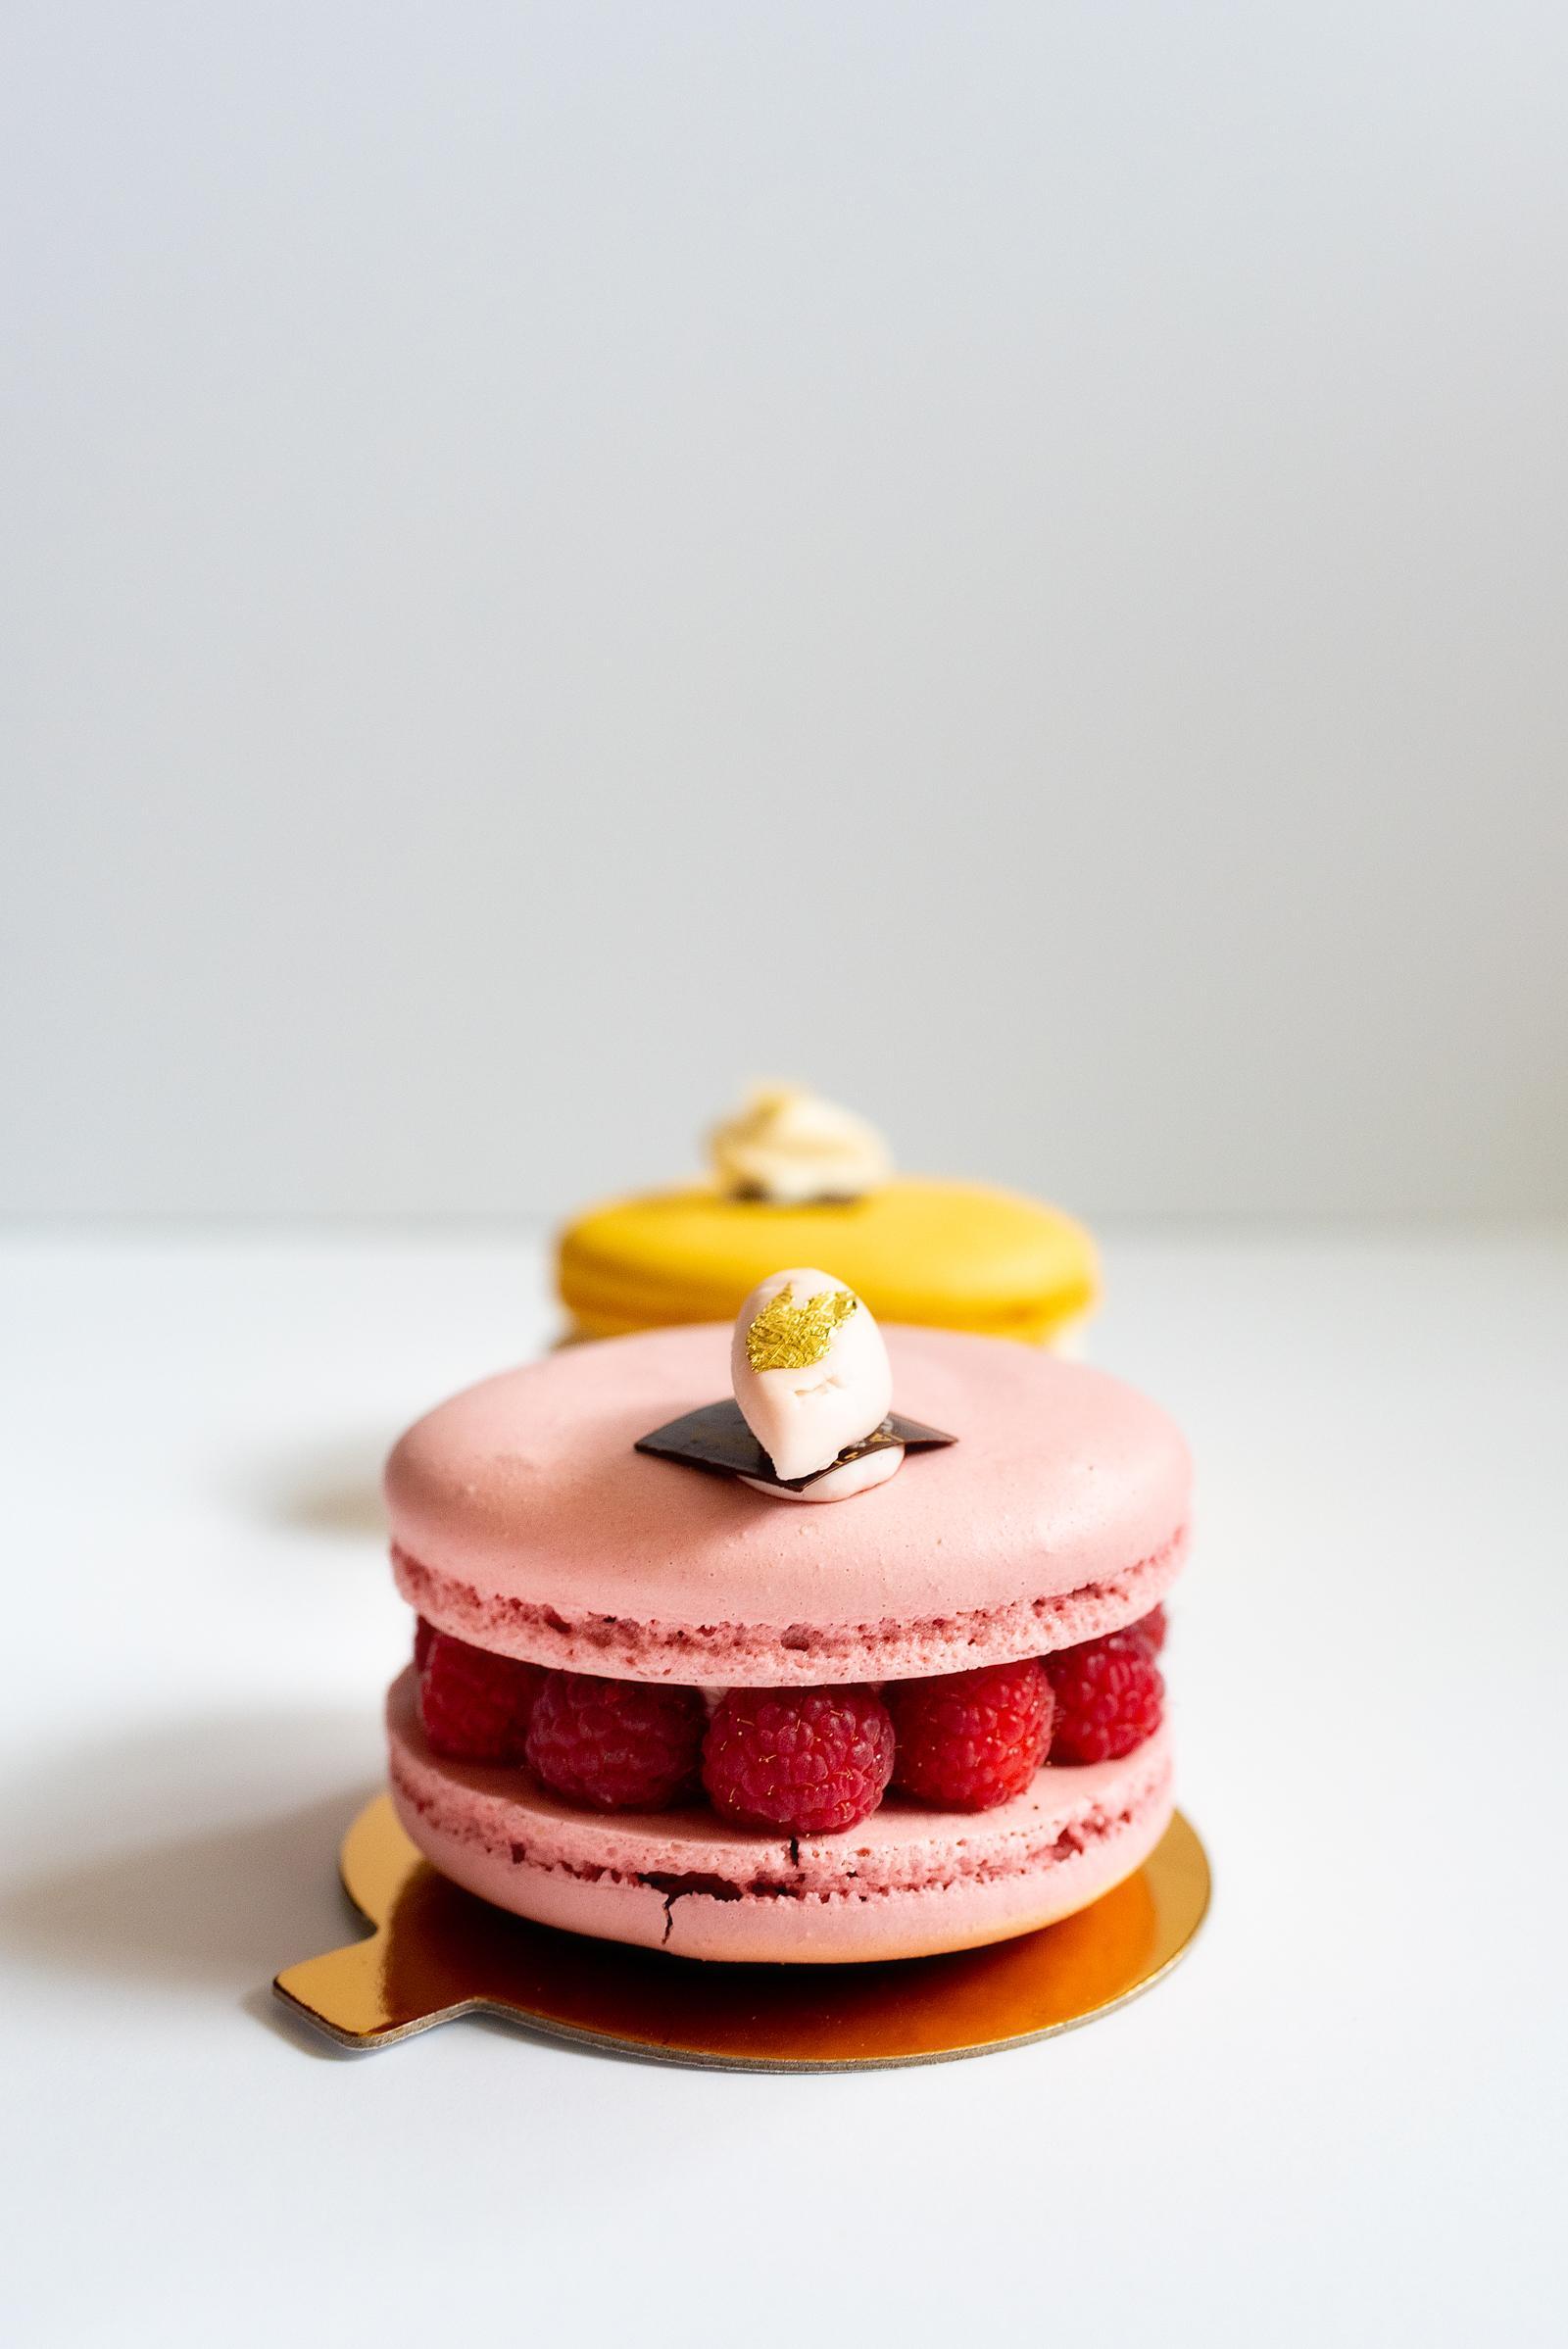 Pierrot Gourmet Macaron